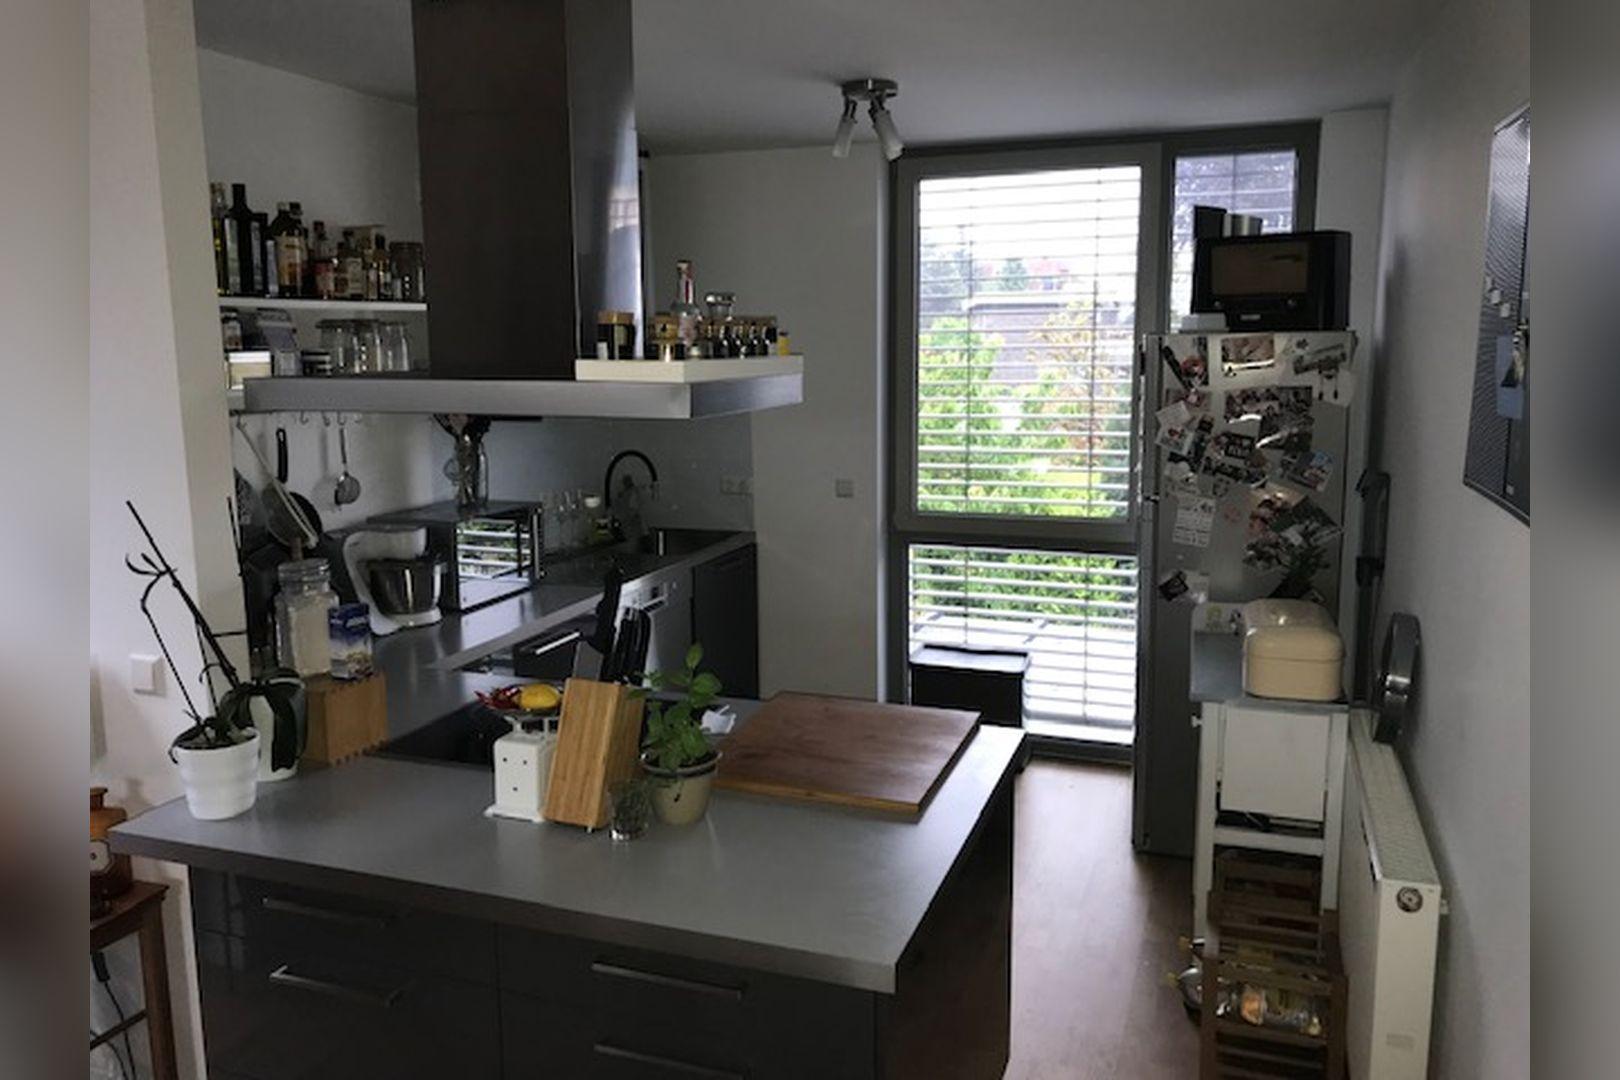 Immobilie Nr.0262 - 4-Zimmer-Maisonette auf Erbpachtliegenschaft, vermietet - Bild 3.jpg